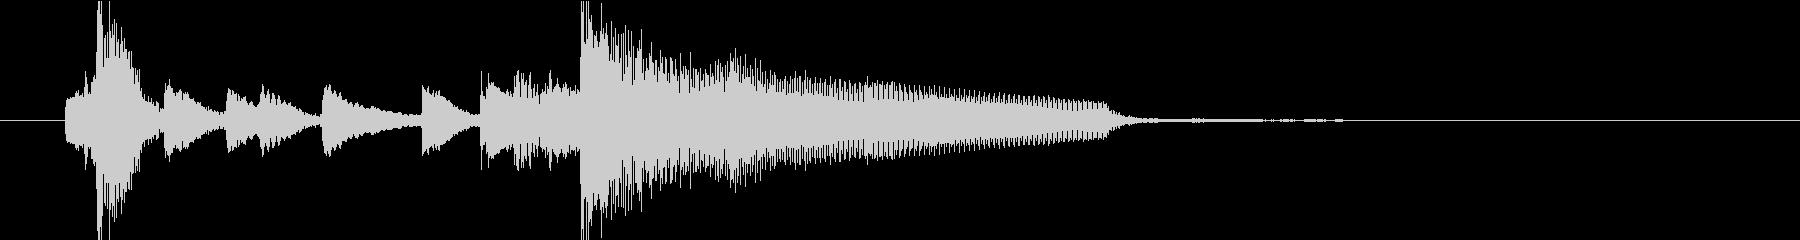 ジングル(ジャジー4)の未再生の波形